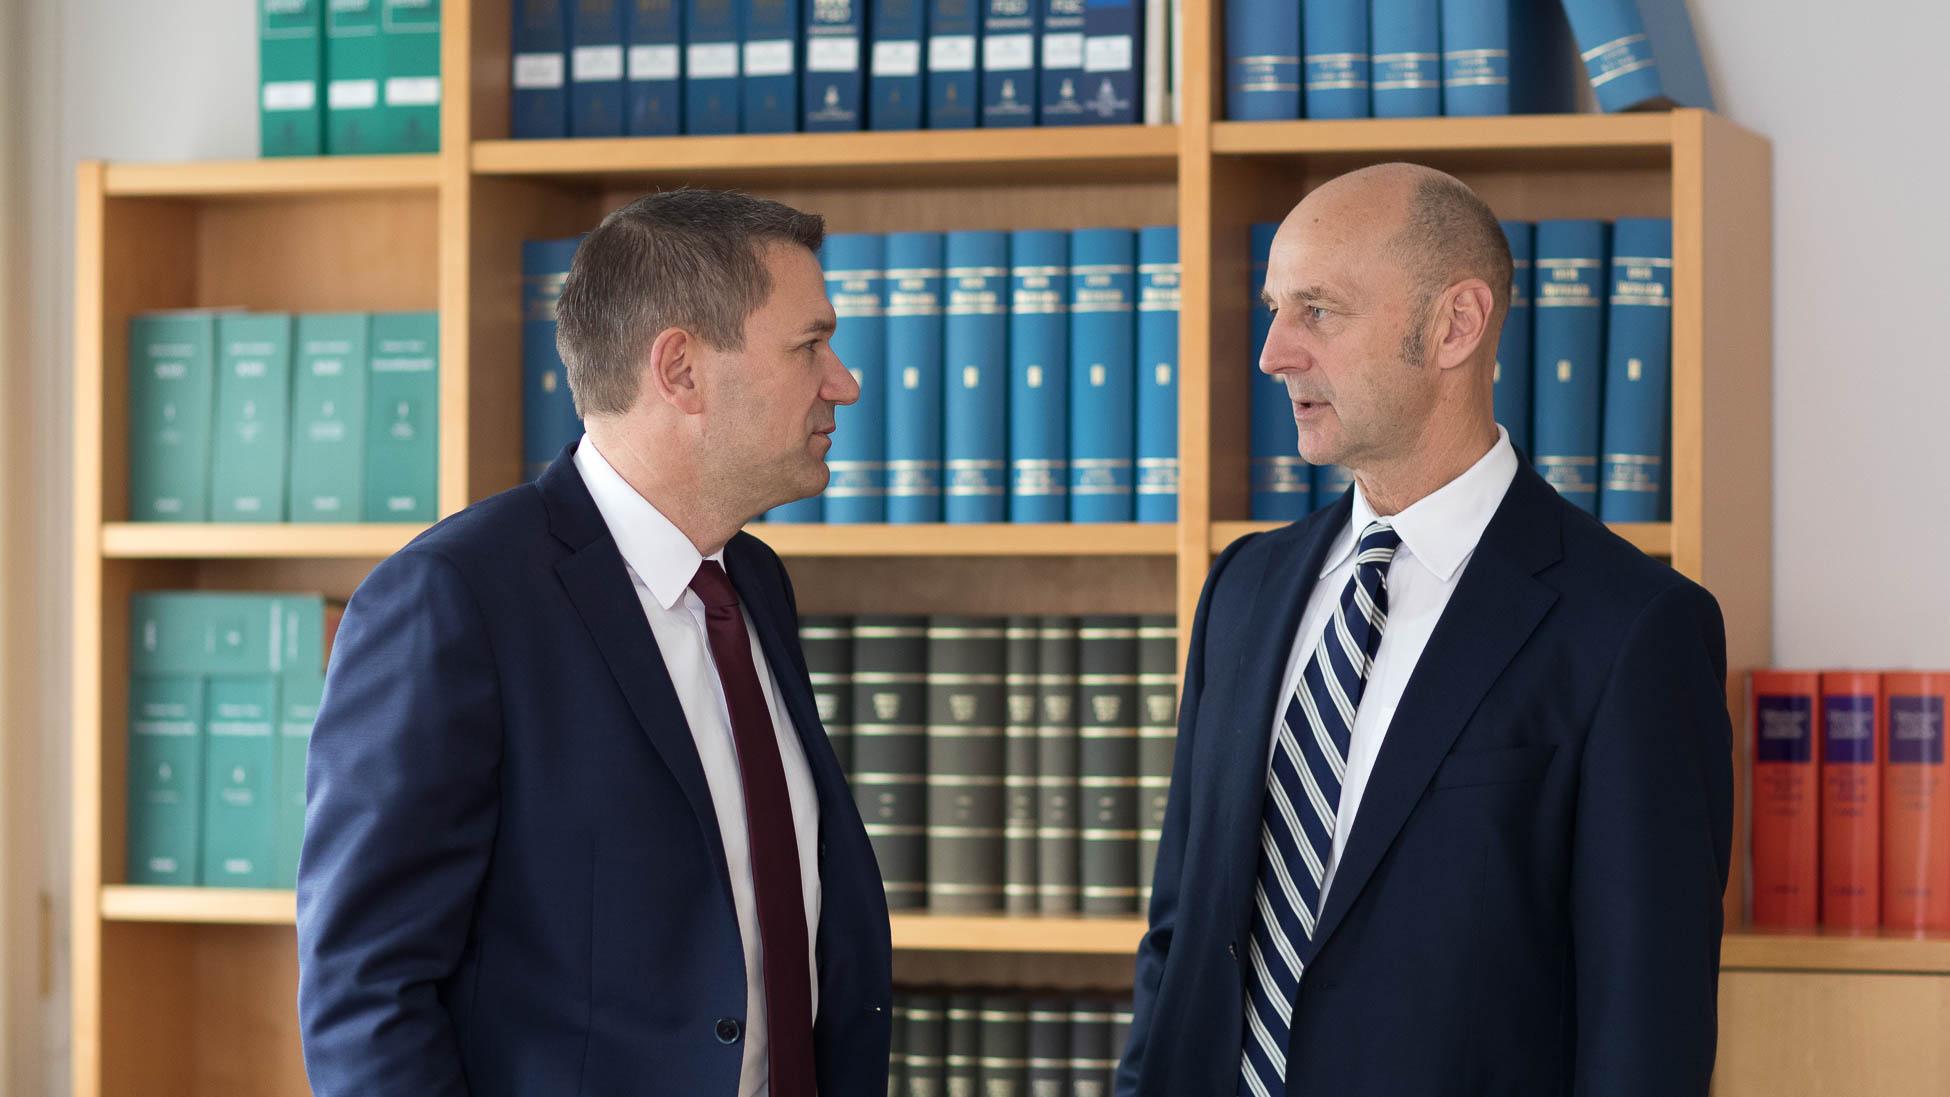 Besprechung Klaus Zieglmeier Franz Stark Kanzlei Zieglmeier und Stark Wirtschaftsprüfer Steuerberater Ingolstadt